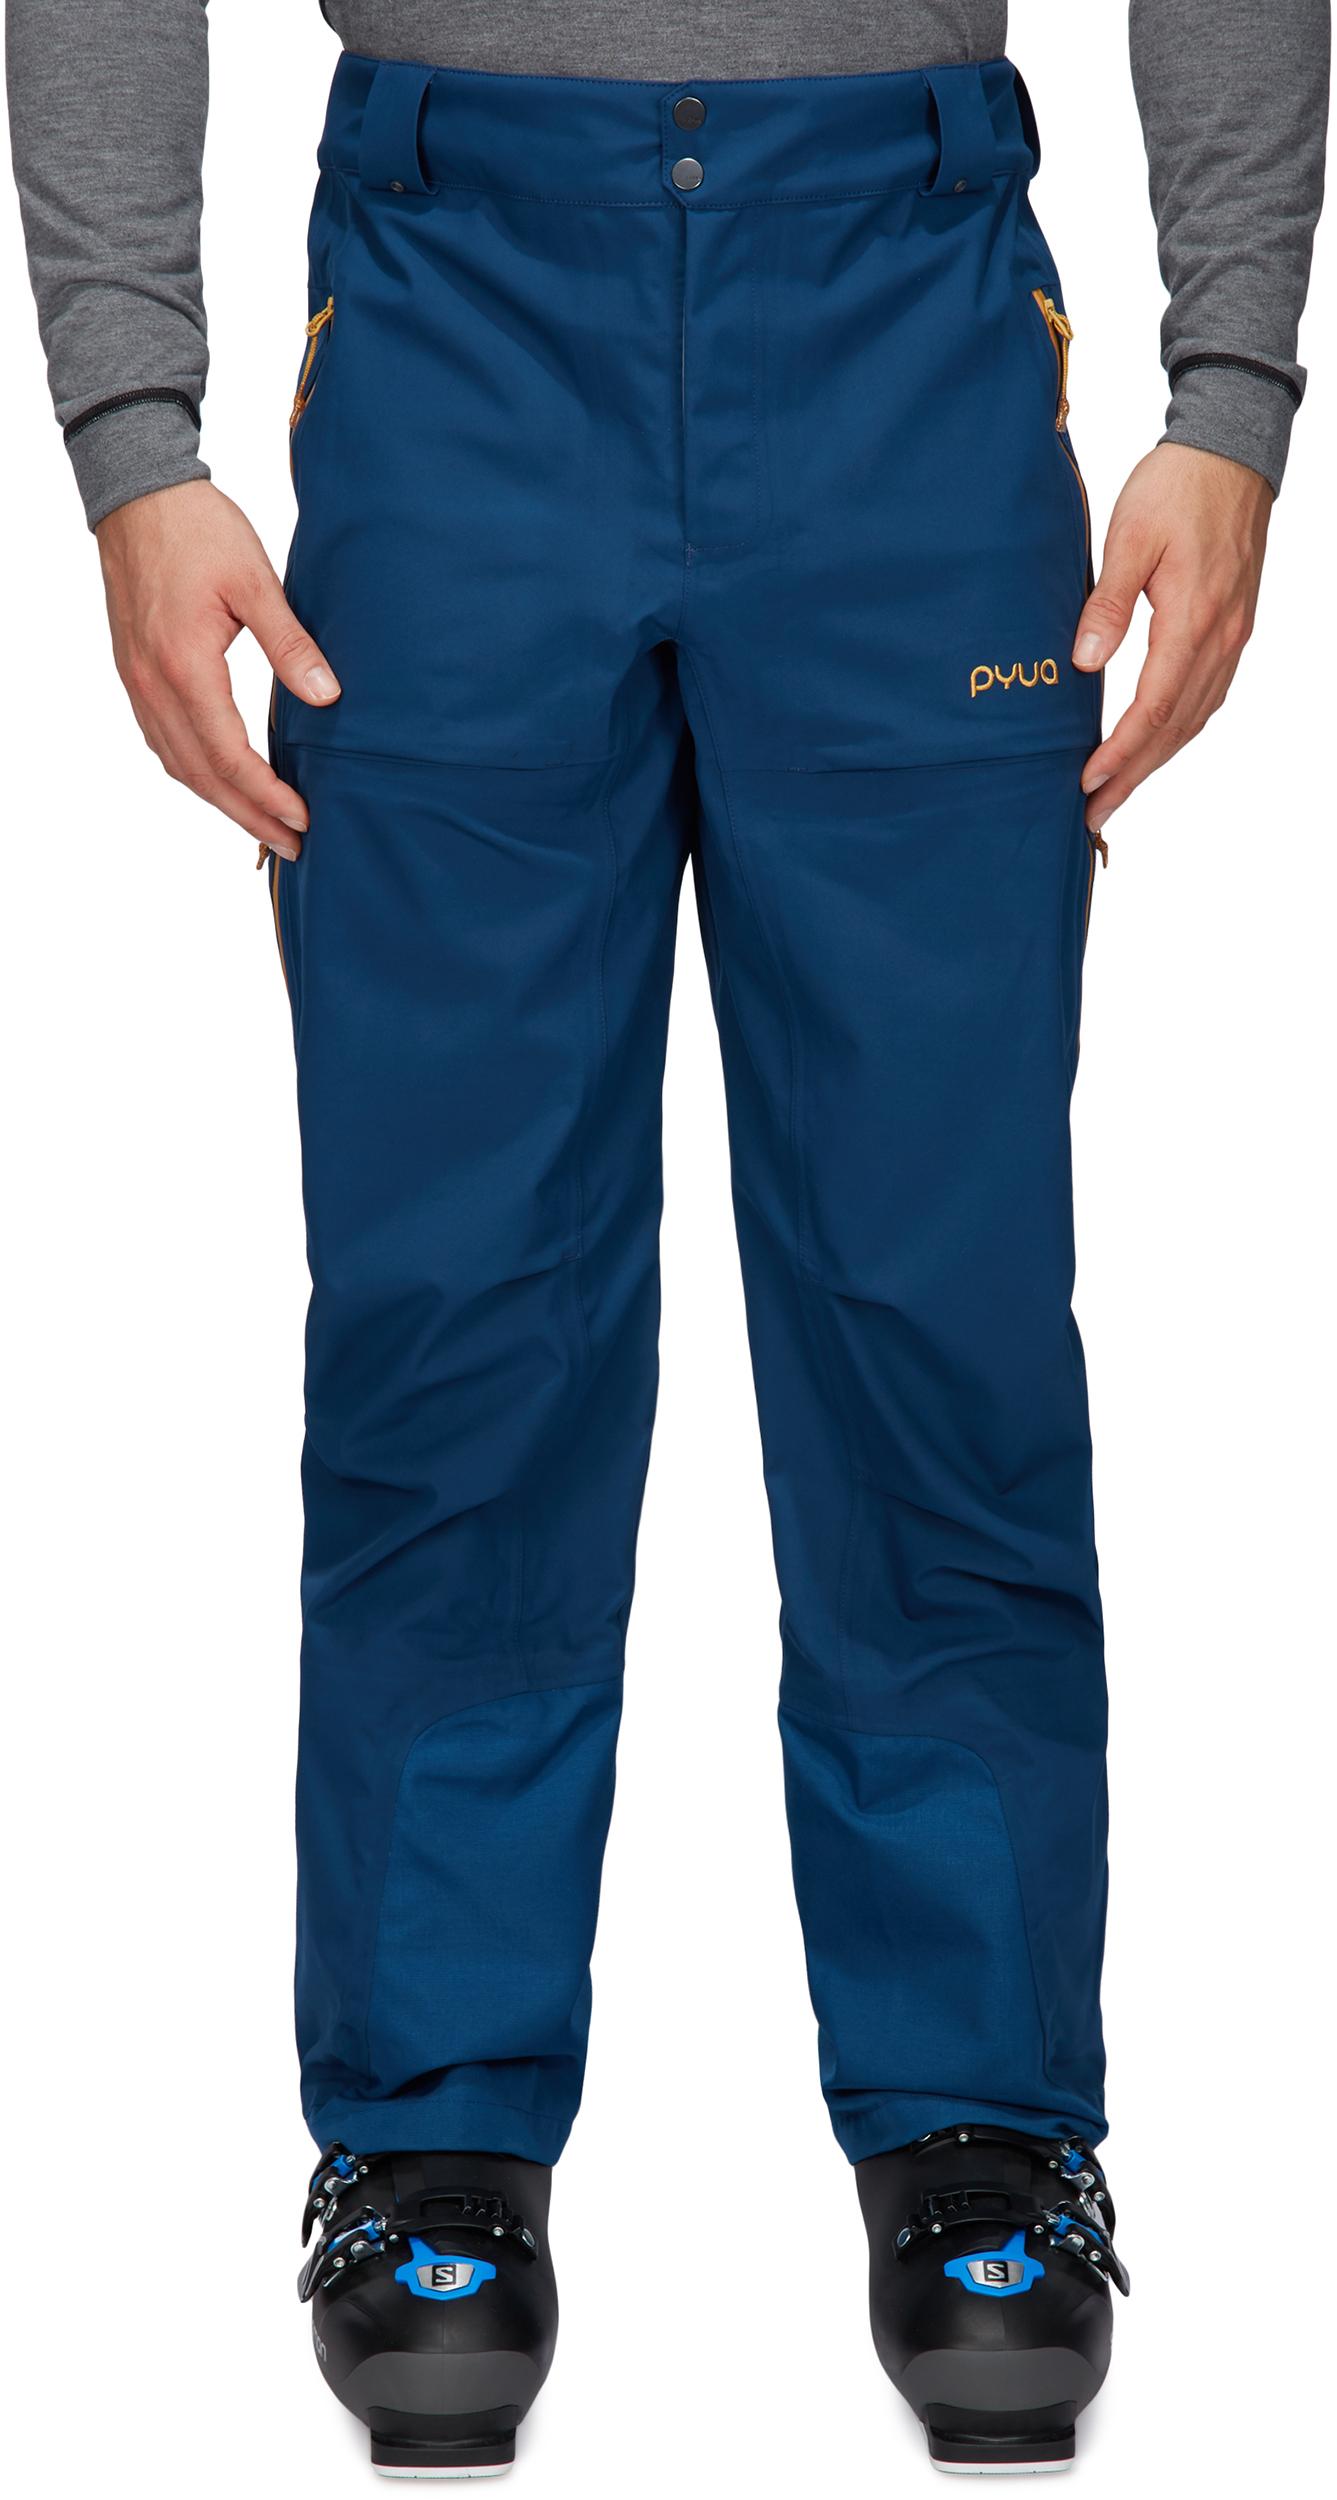 483840f6f3e Snow and ski pants